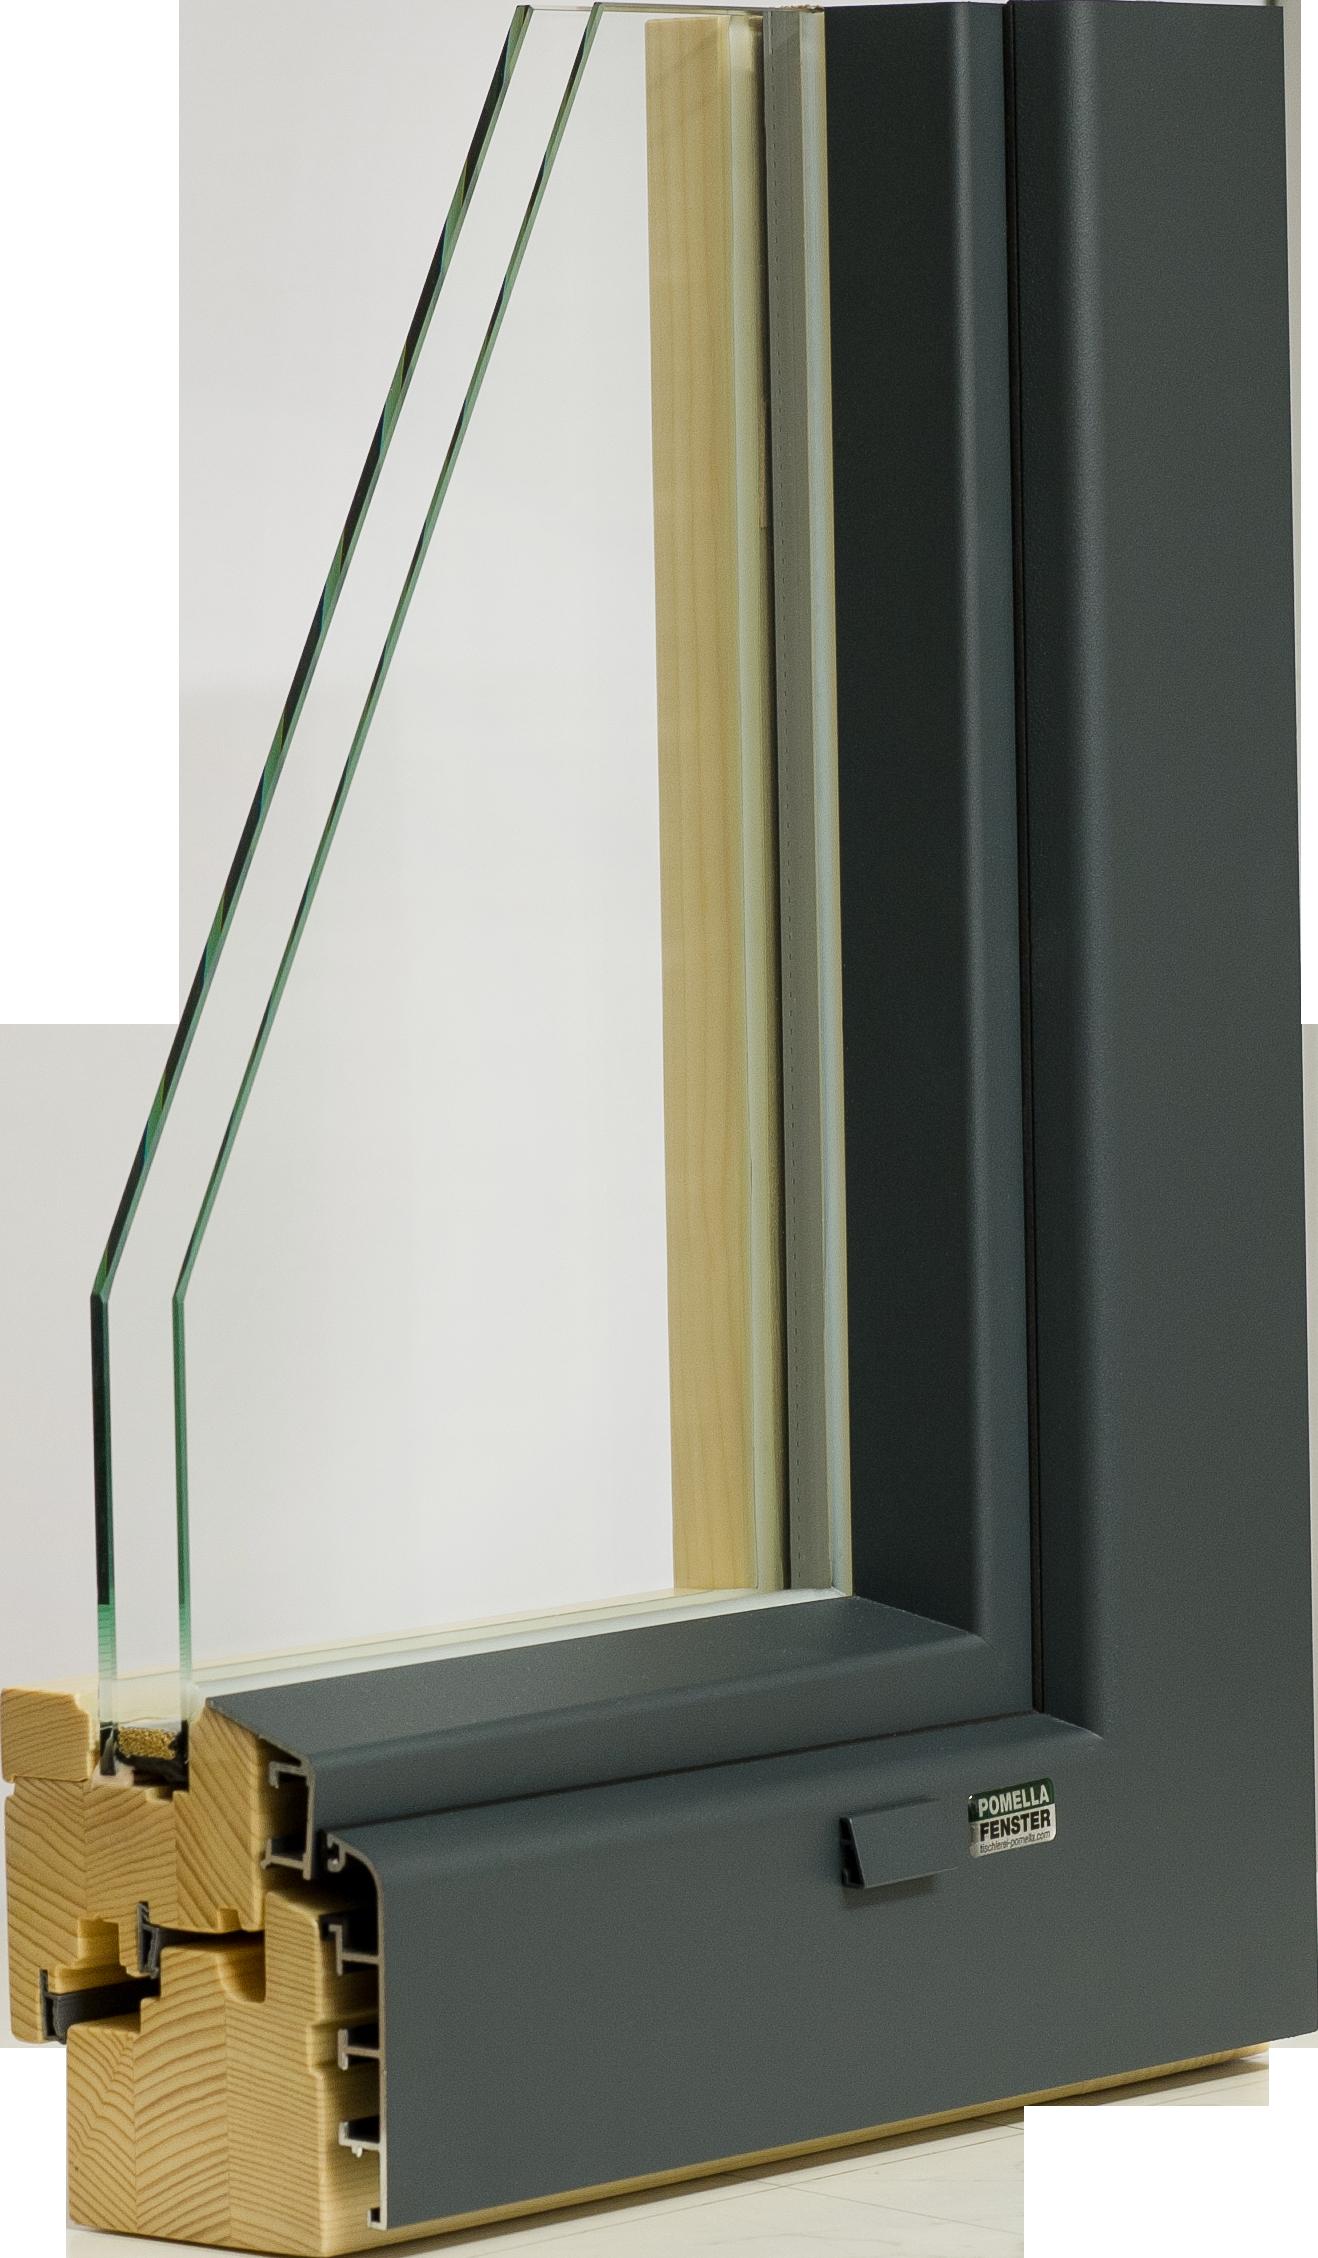 Full Size of Holz Alu Fenster Mit 2 Fach Verglasung Aufgesetzer Velux Alte Kaufen Rolladen Nachträglich Einbauen Günstige Rc3 Meeth Runde Veka Preise Polen Insektenschutz Fenster Alu Fenster